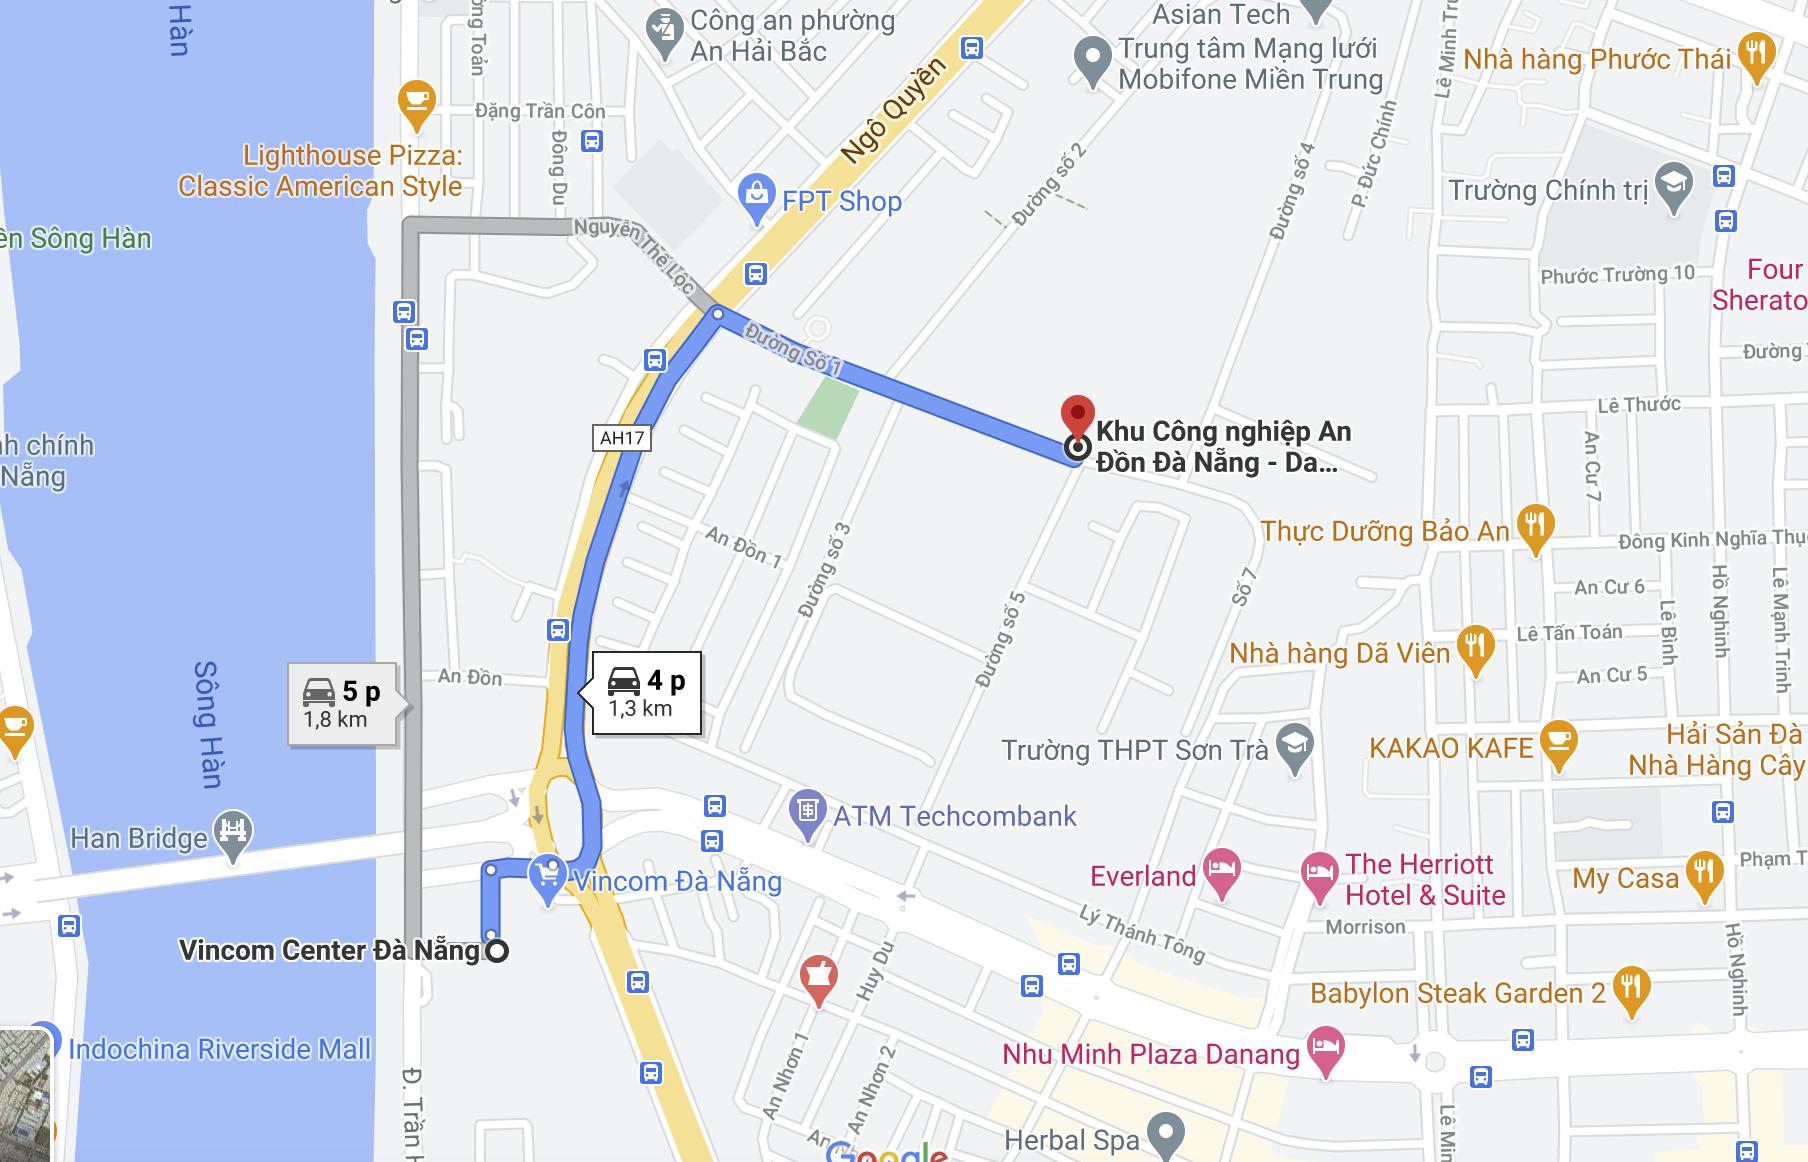 Khu đất tại KCN Đà Nẵng mà FPT sẽ chuyển mục đích sử dụng đất, xây dựng chung cư cao cấp có vị trí gần Vincom, gần biển Mỹ Khê - Ảnh 7.